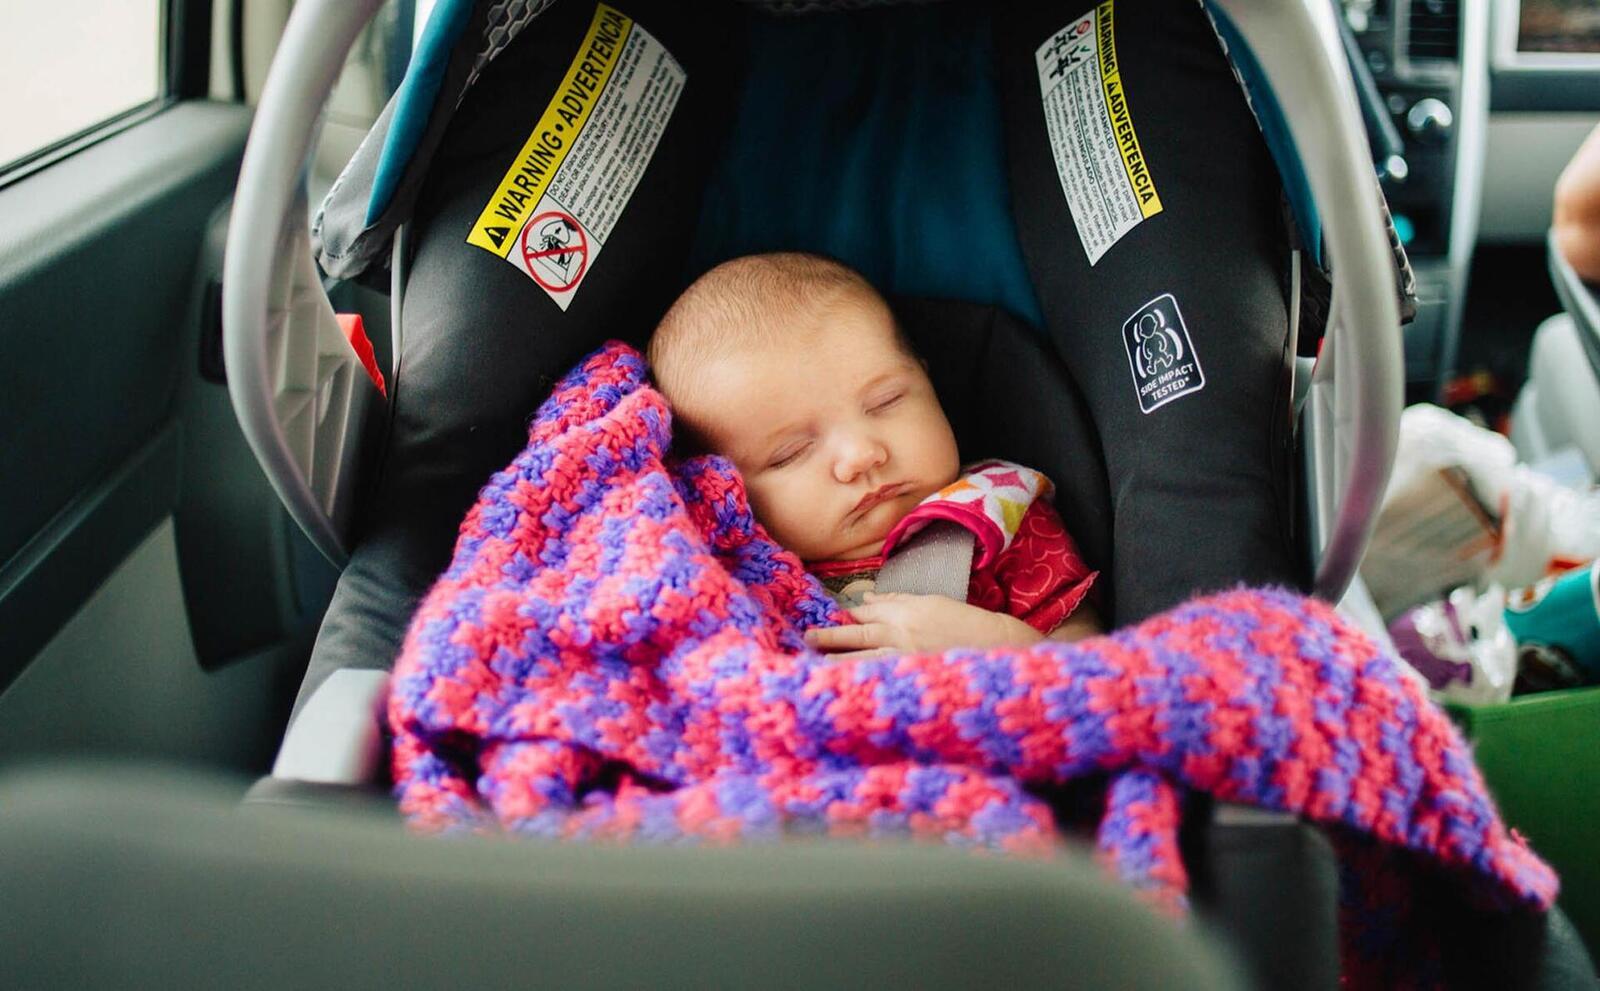 Đại học Waterloo Canada phát triển cảm biến chống trẻ nhỏ bị nhốt trong xe hơi